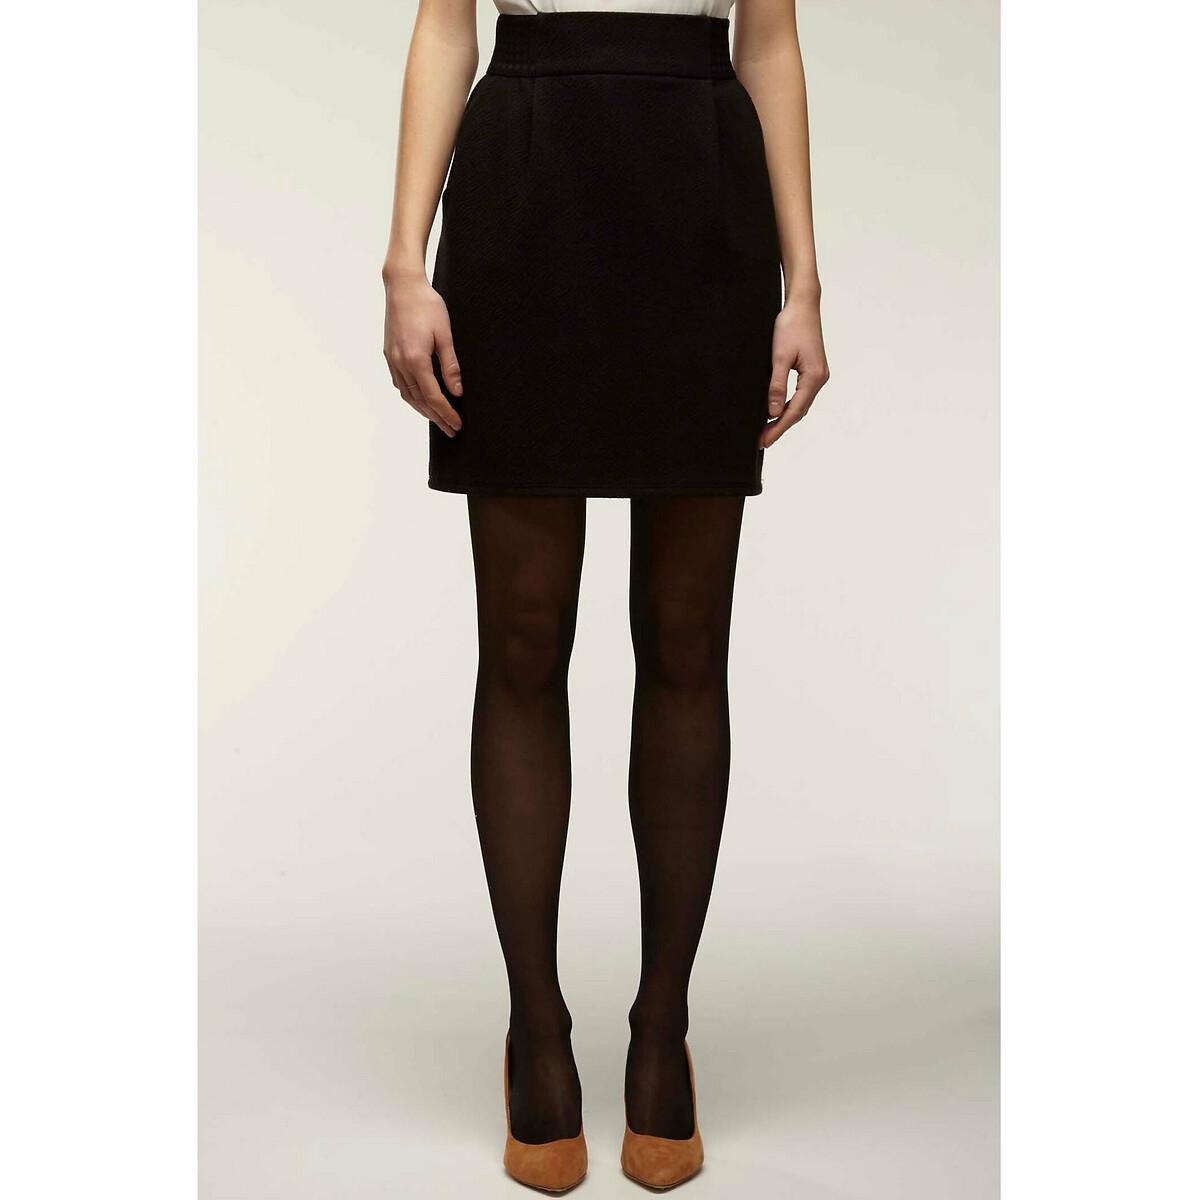 Юбка La Redoute Короткая с эластичным поясом 38 (FR) - 44 (RUS) черный юбка la redoute короткая прямая из ткани с пропиткой 40 fr 46 rus черный